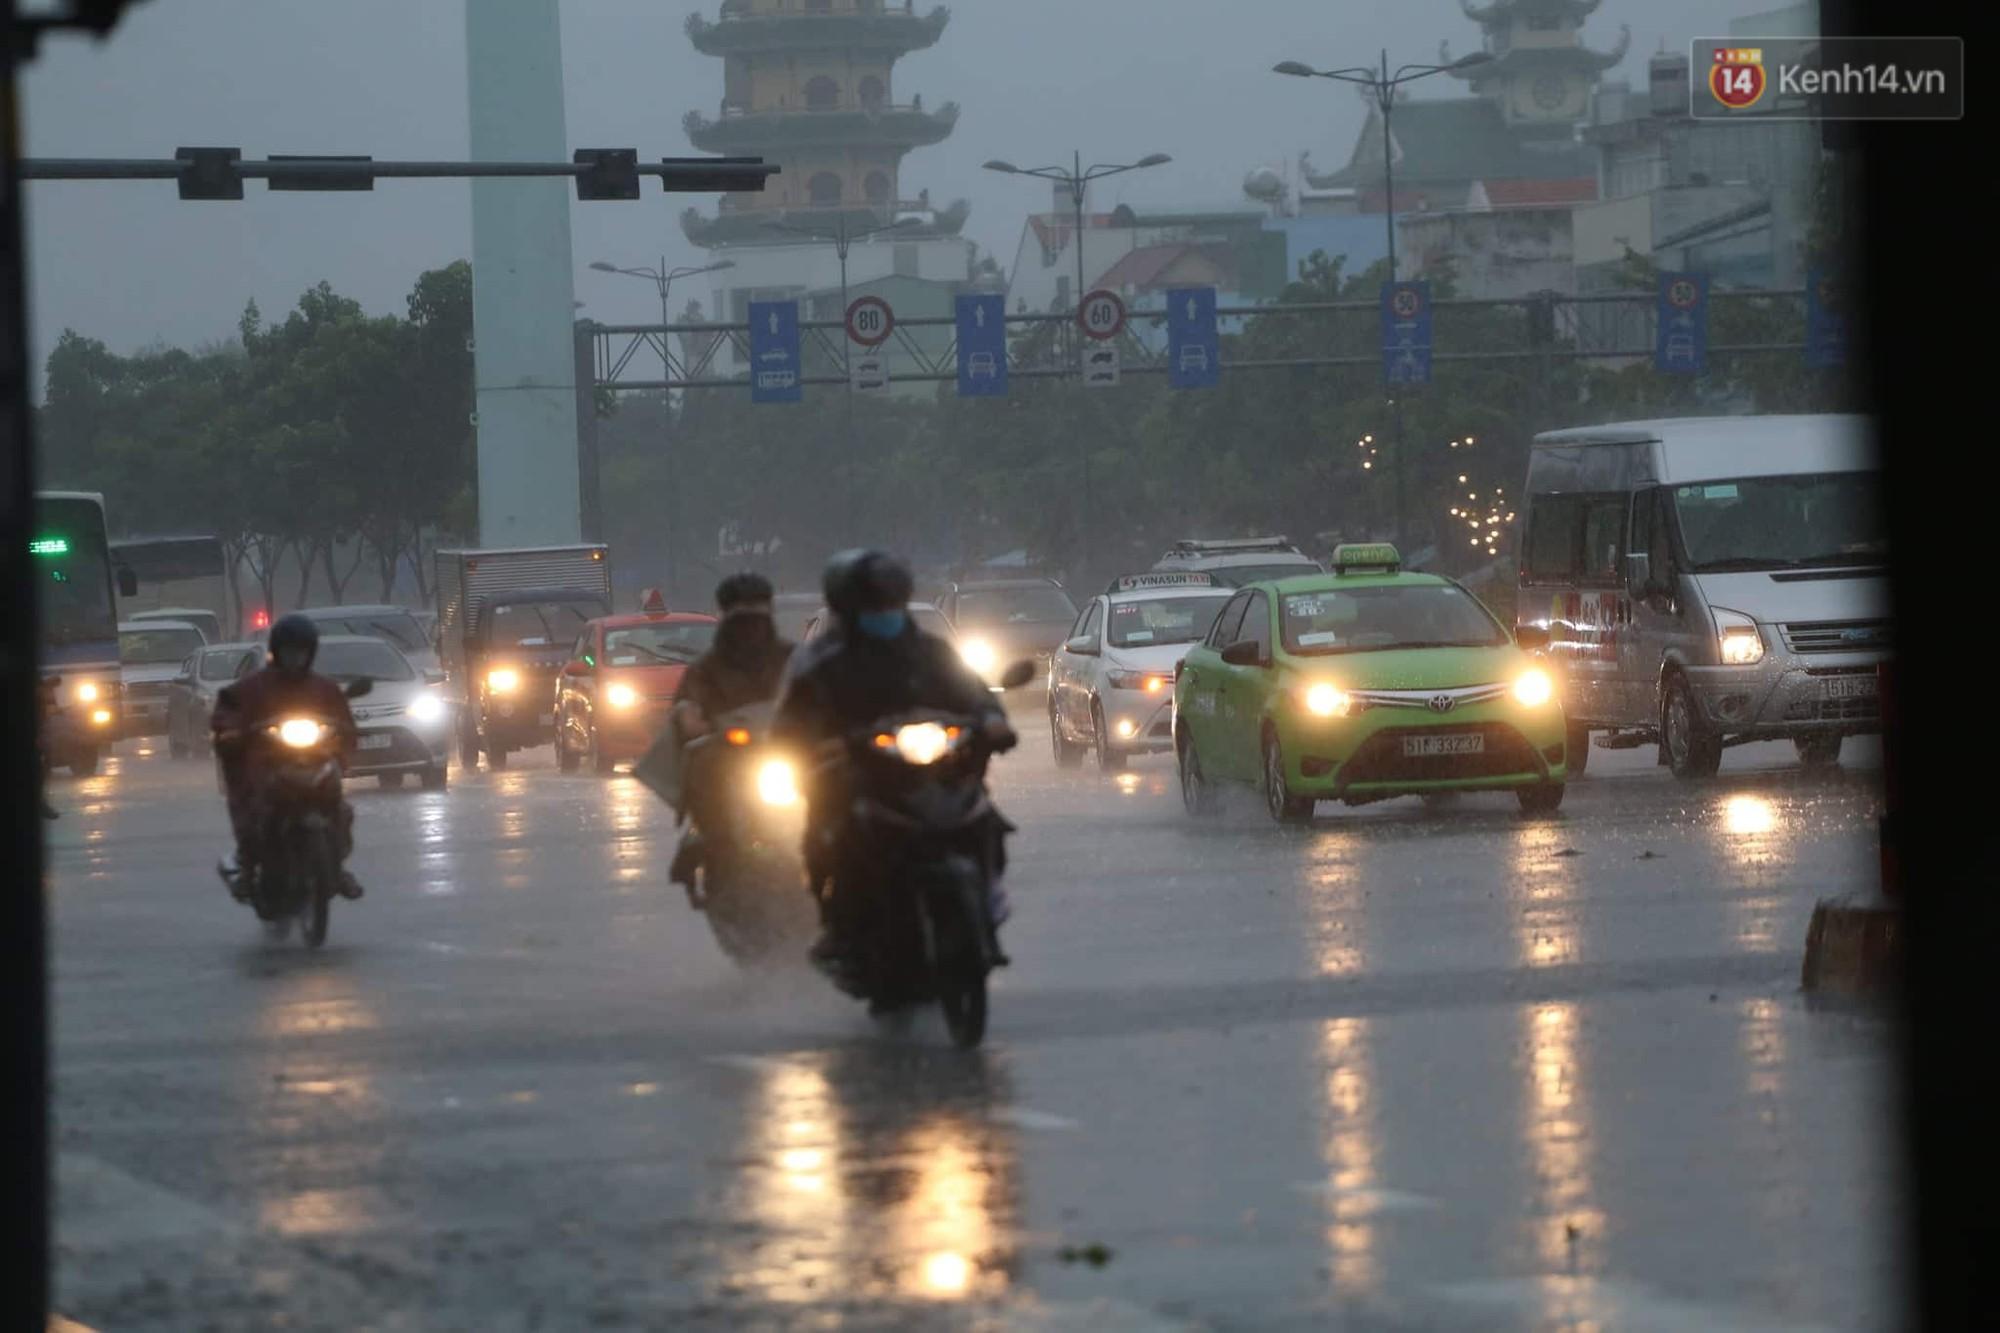 Cây xanh ngã đổ trong mưa bão ở Sài Gòn, hai mẹ con nữ nhân viên ngân hàng suýt chết - Ảnh 2.